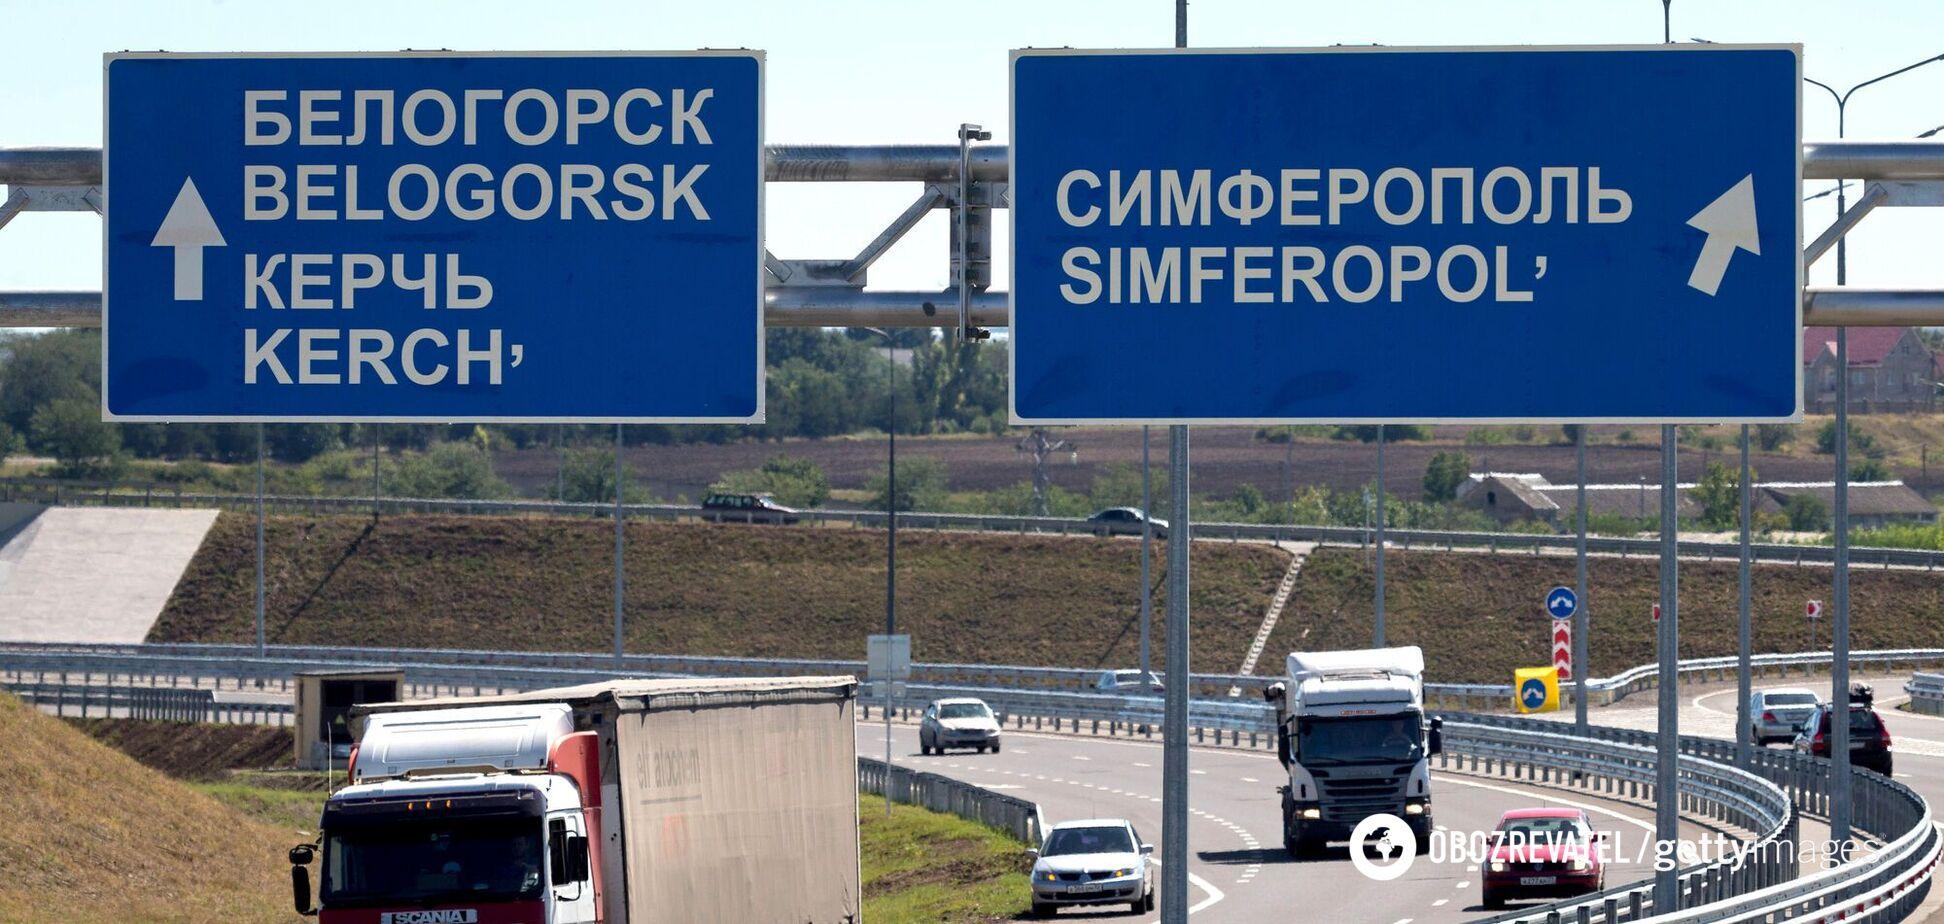 Автострада в оккупированном Крыму